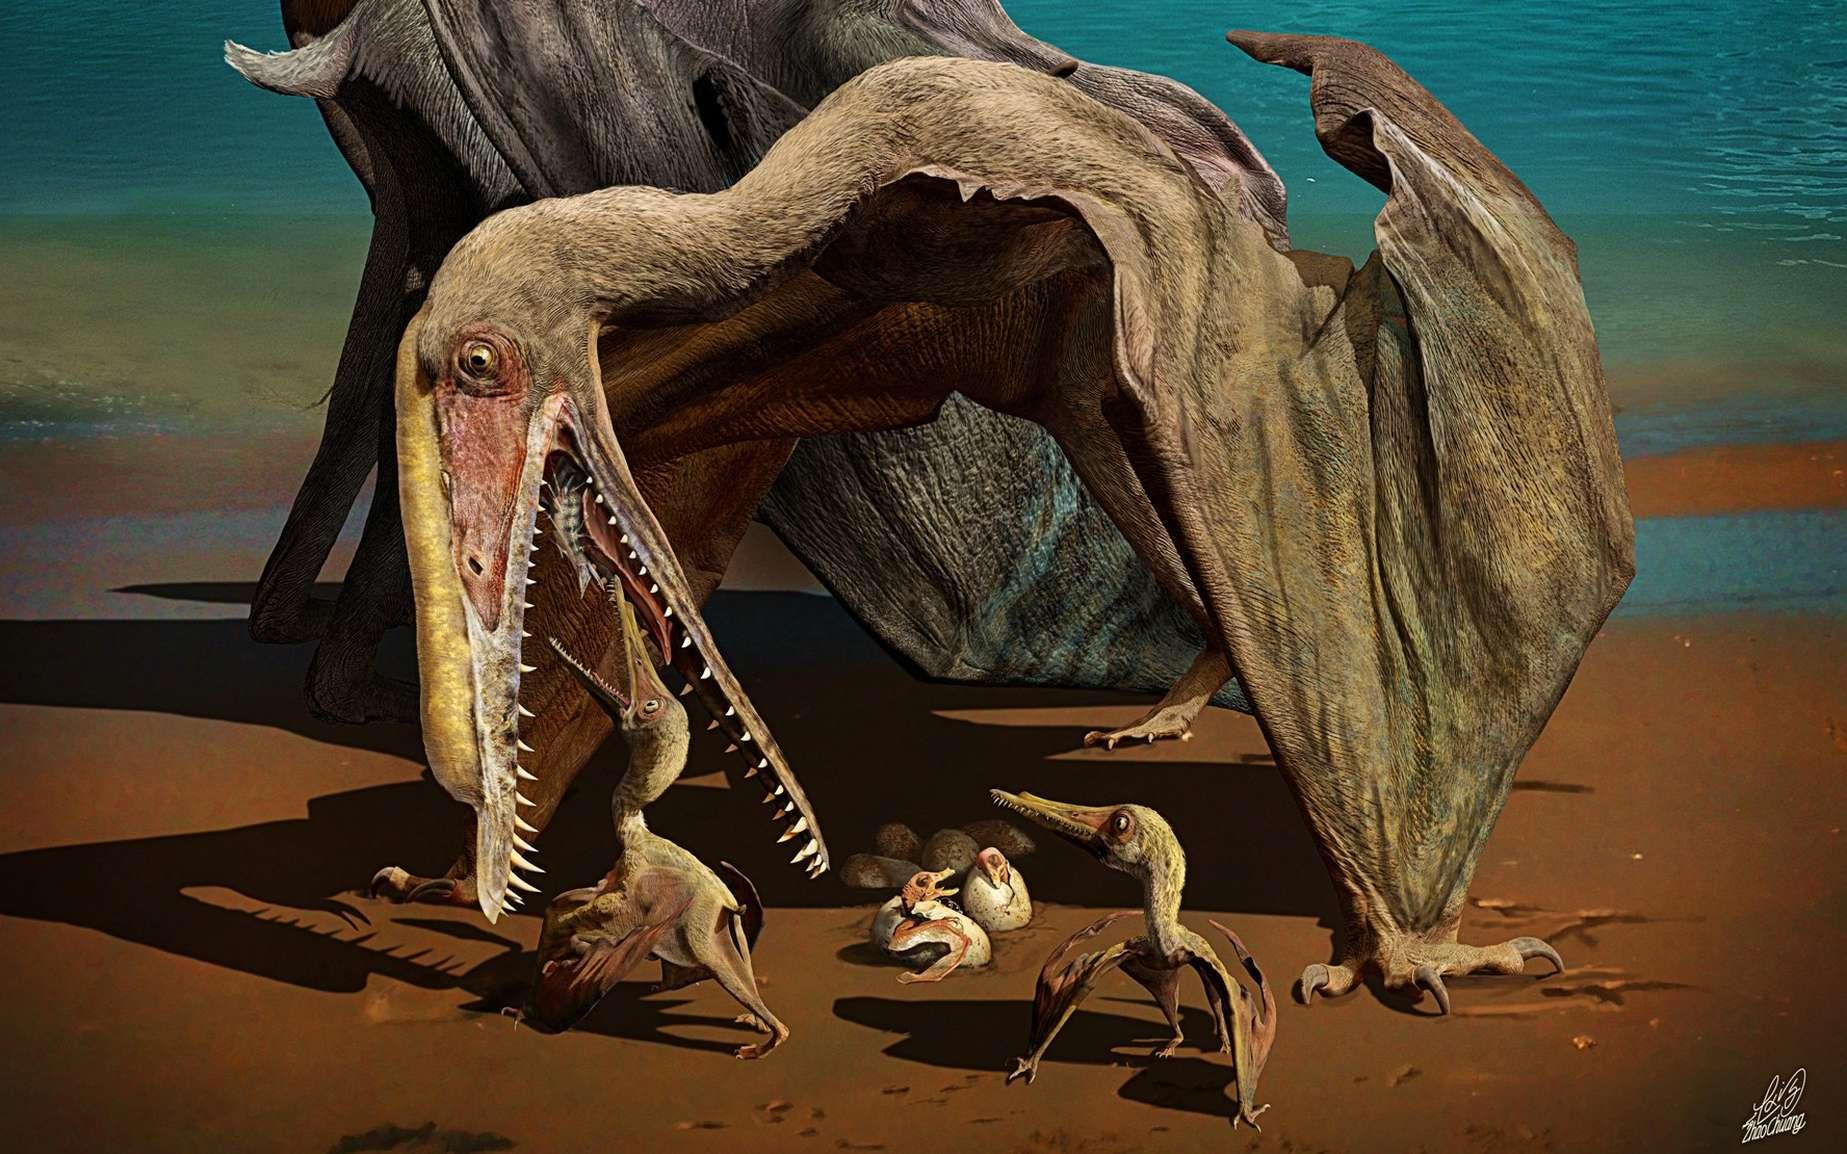 Des œufs de ptérosaures ont été découverts en Chine. Le ptérosaure (Hamipterus tianshanensis) est ici magnifiquement représenté, avec une crête sur le sommet de la partie avant du crâne. L'un est un mâle et l'autre une femelle, protégeant sa couvée. Une scène possible de la vie au Crétacé inférieur. © Chuang Zhao